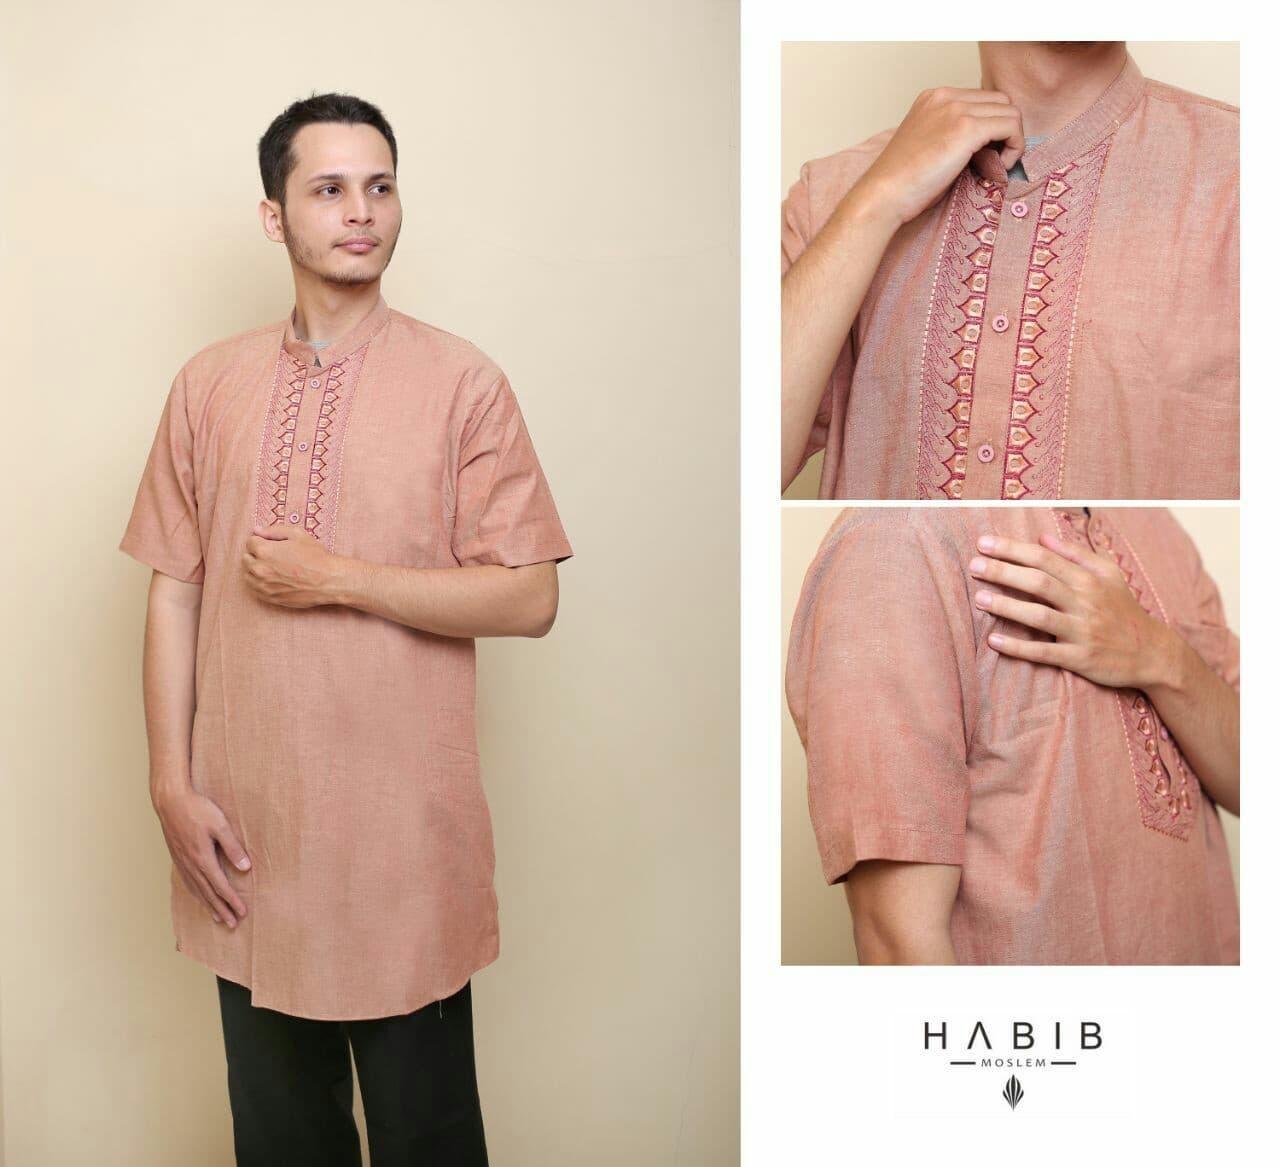 Baju Pria Kemeja Baju Koko Gaul Habib Pendek Merah Muda